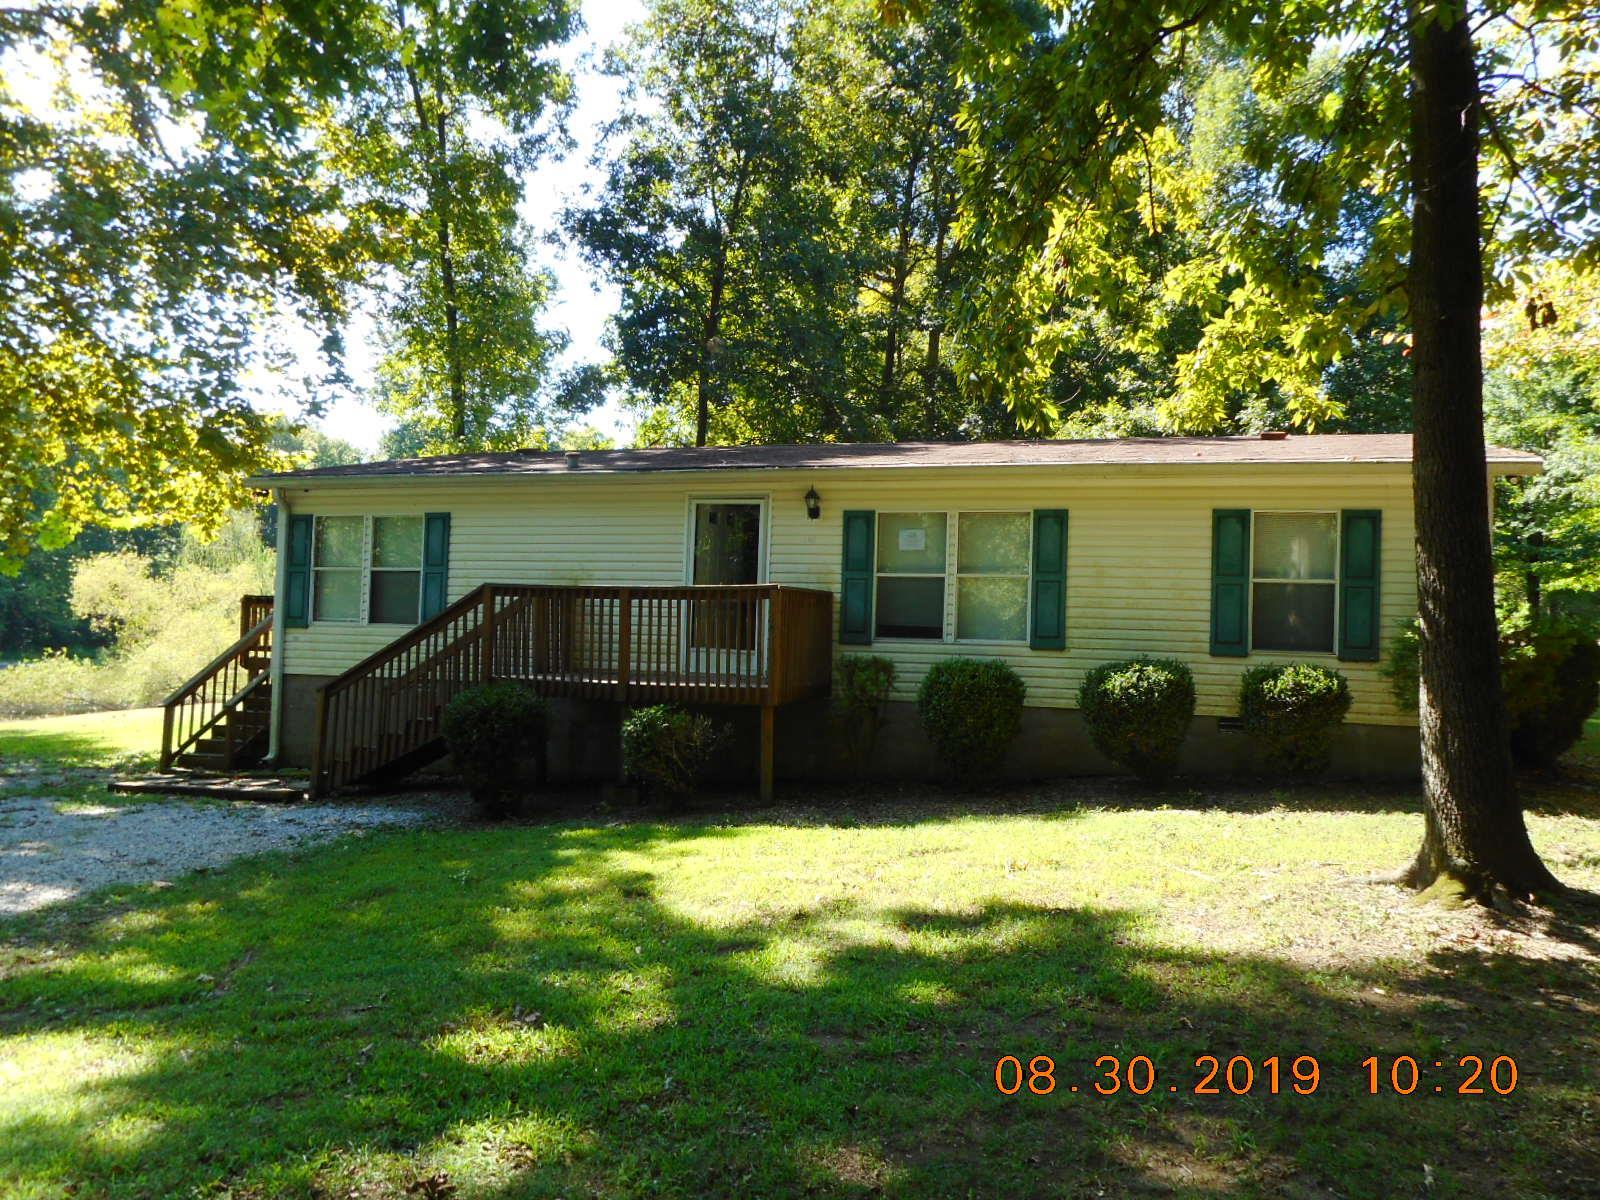 182 GOODMAN LN, Cedar Hill, TN 37032 - Cedar Hill, TN real estate listing